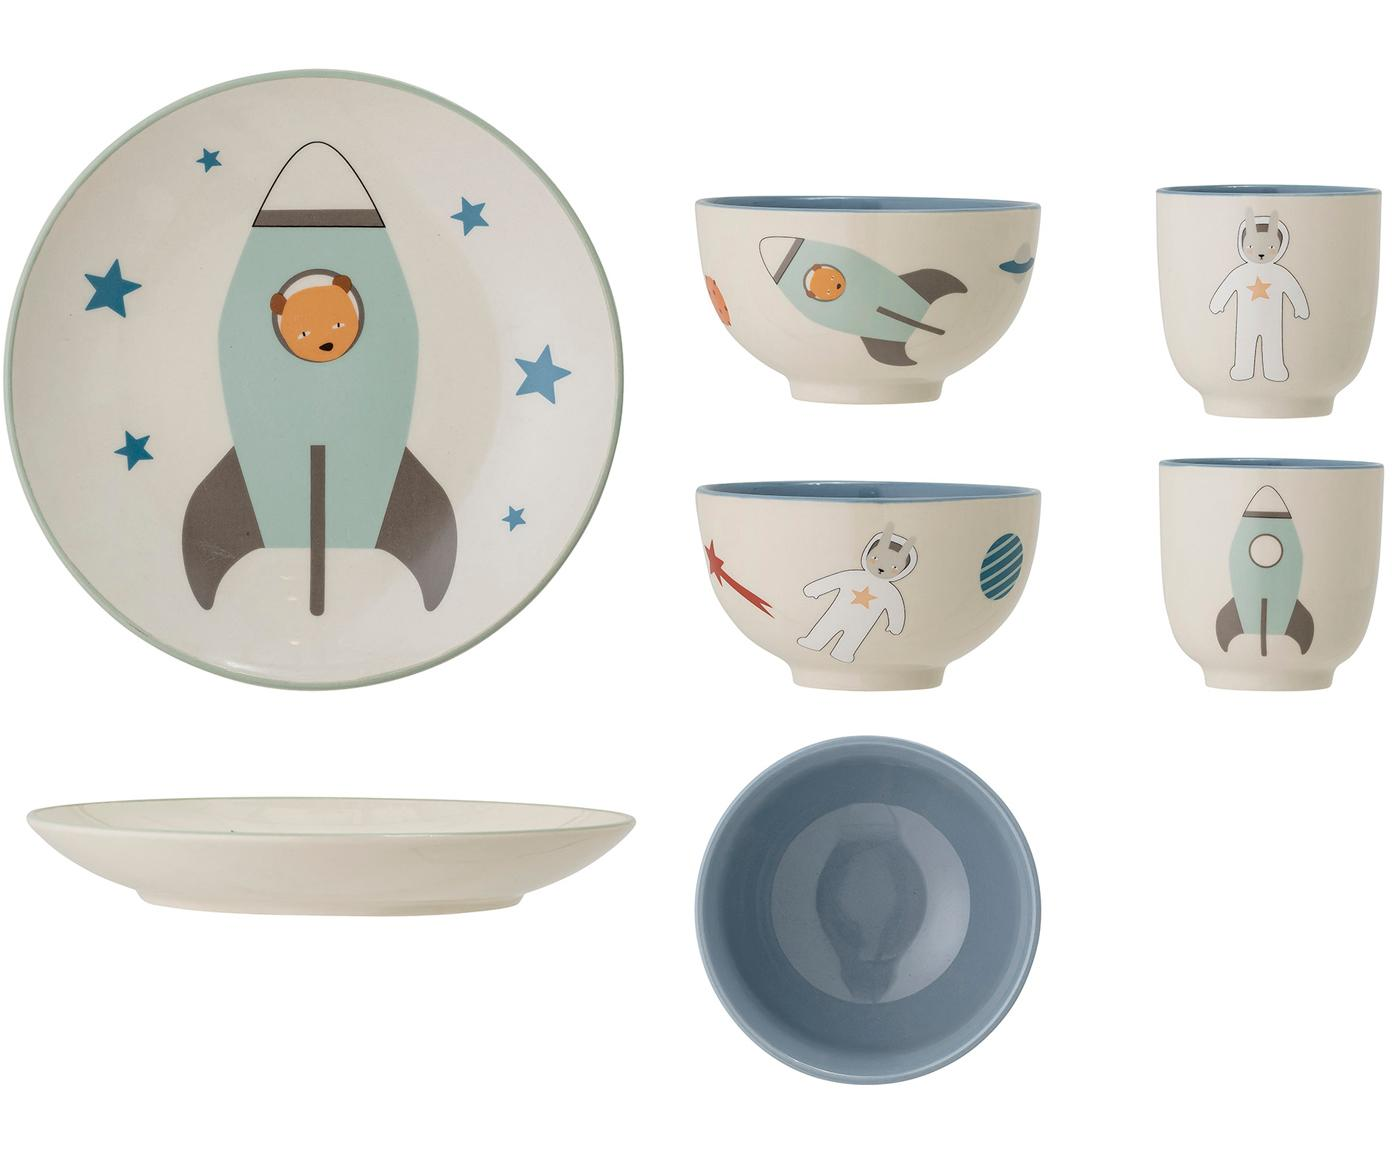 Geschirr-Set Space, 3-tlg., Steingut, Gebrochenes Weiß, Mehrfarbig, Sondergrößen